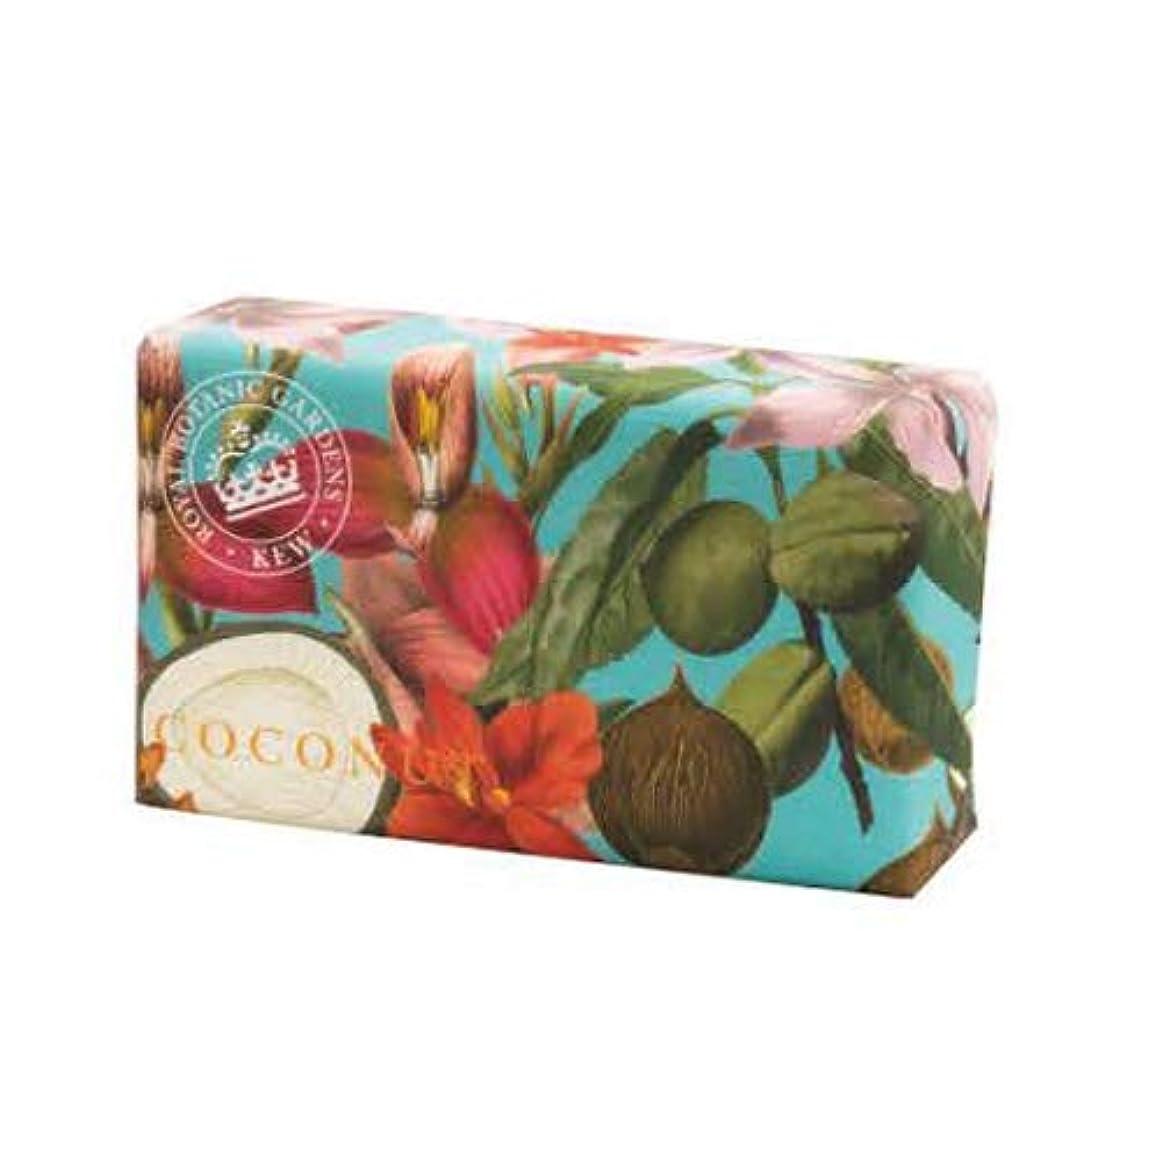 賭けおそらく舌English Soap Company イングリッシュソープカンパニー KEW GARDEN キュー?ガーデン Luxury Shea Soaps シアソープ Coconut ココナッツ